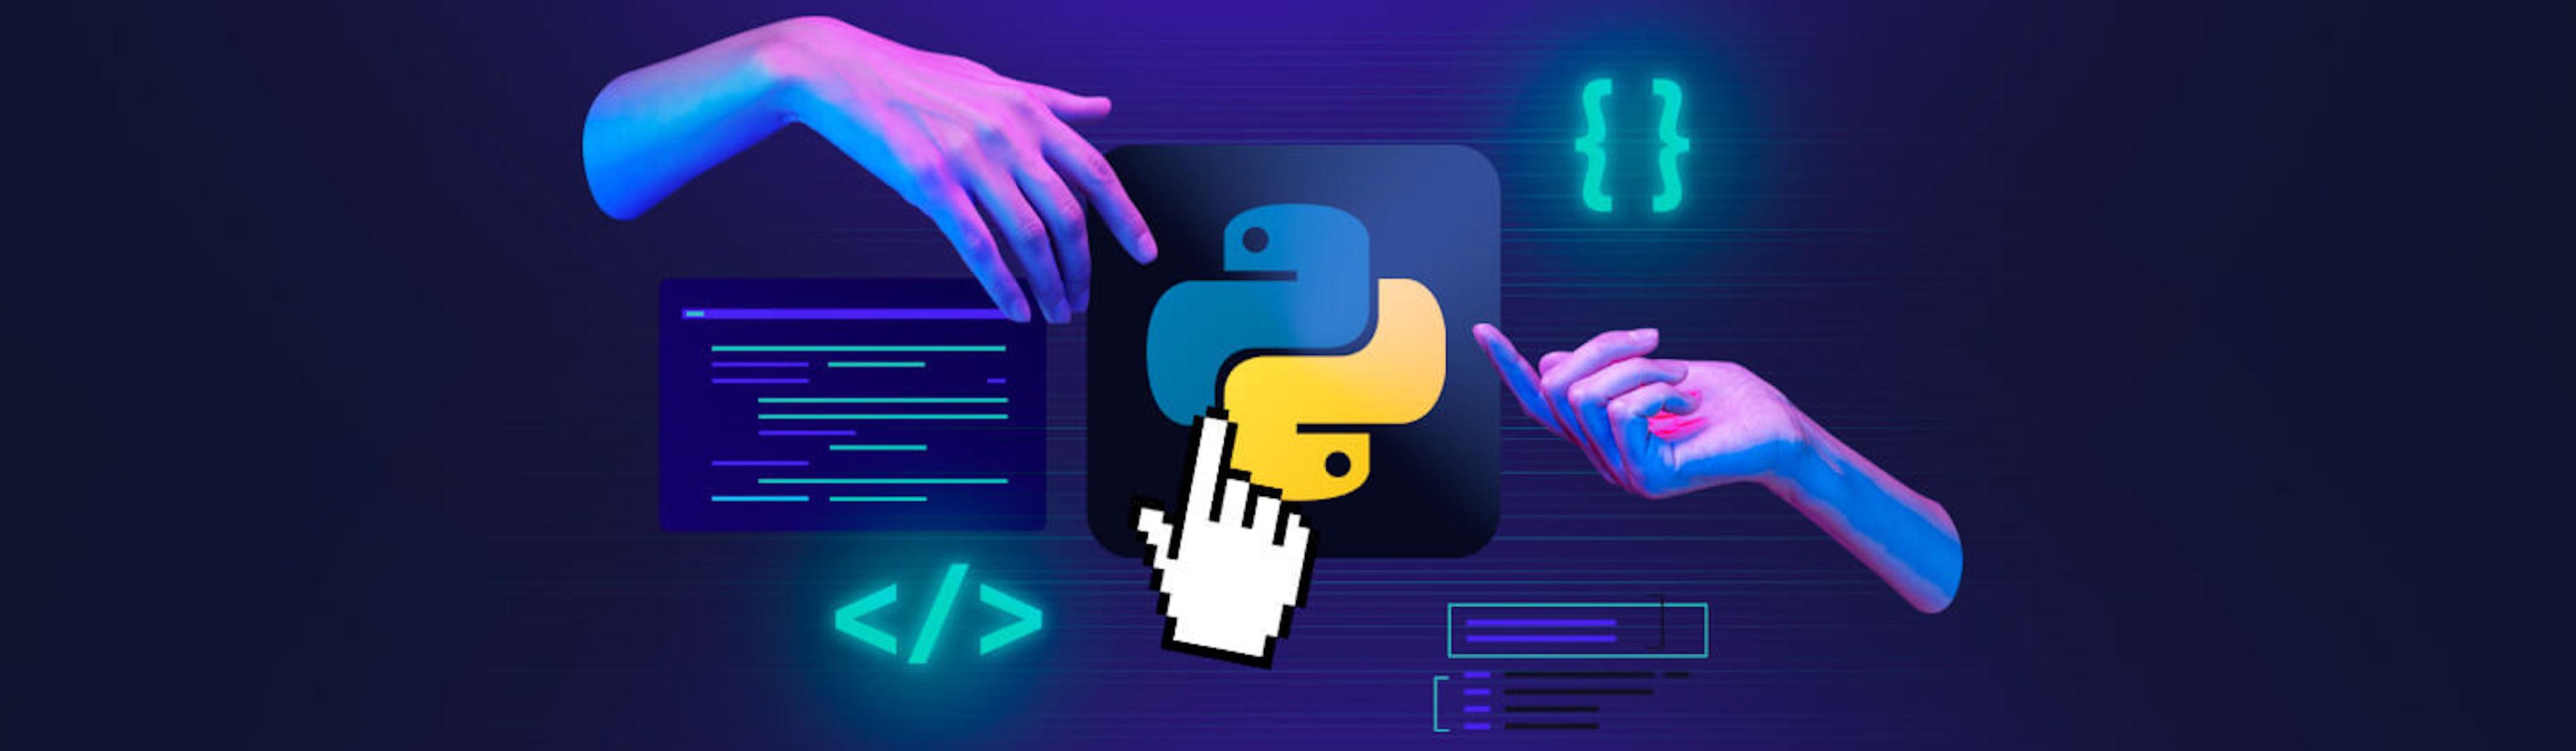 Python: El lenguaje de programación más popular para aprender en 2021